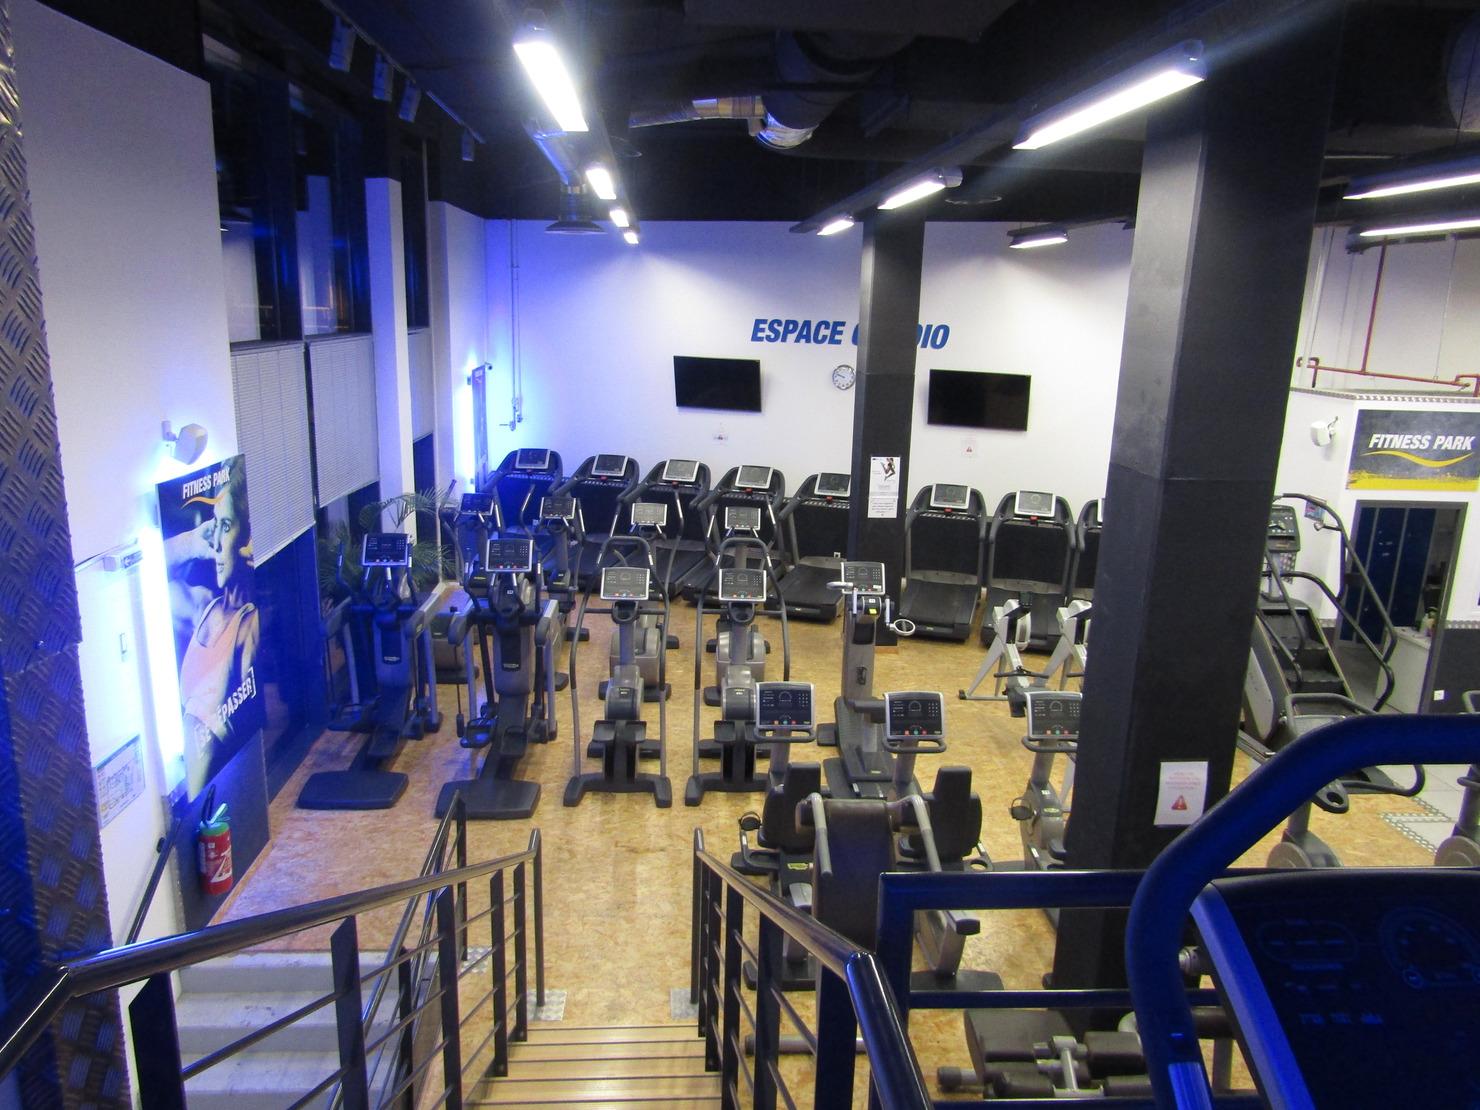 fitness park mulhouse tarifs avis horaires essai gratuit